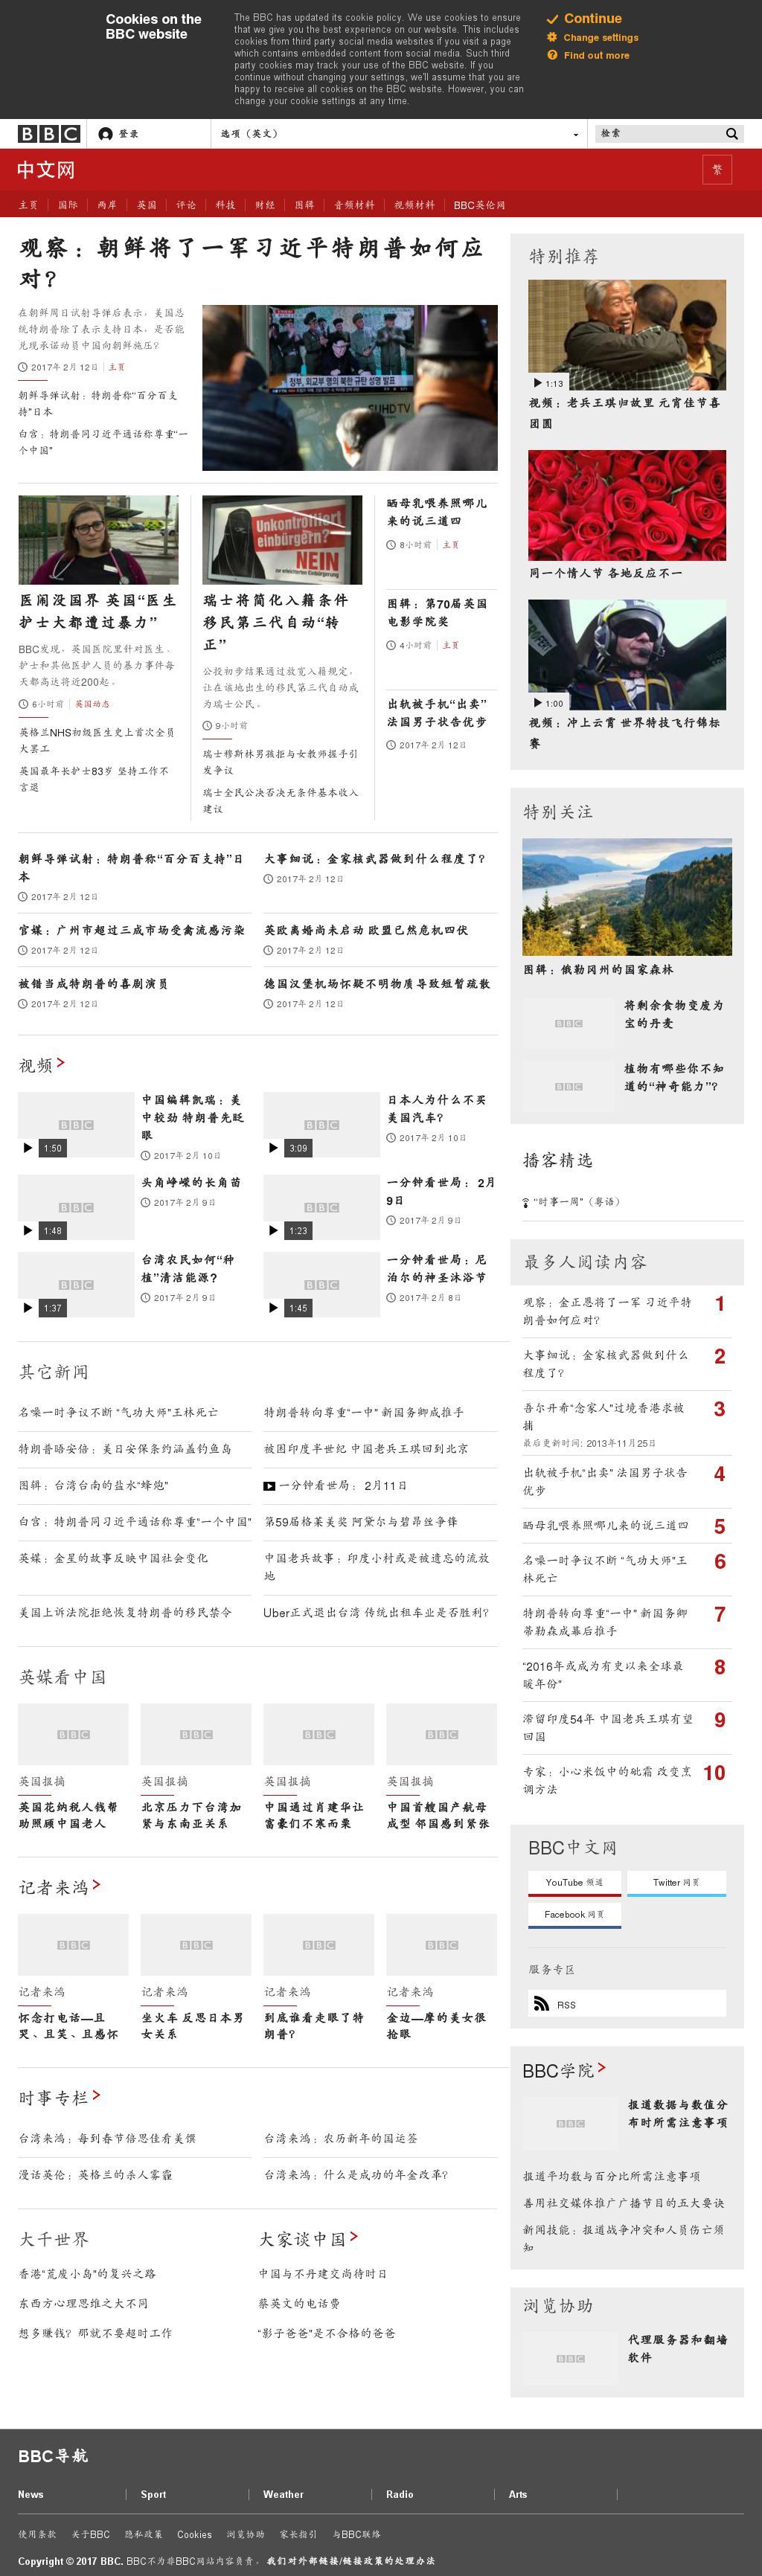 BBC (Chinese) at Monday Feb. 13, 2017, 3 a.m. UTC